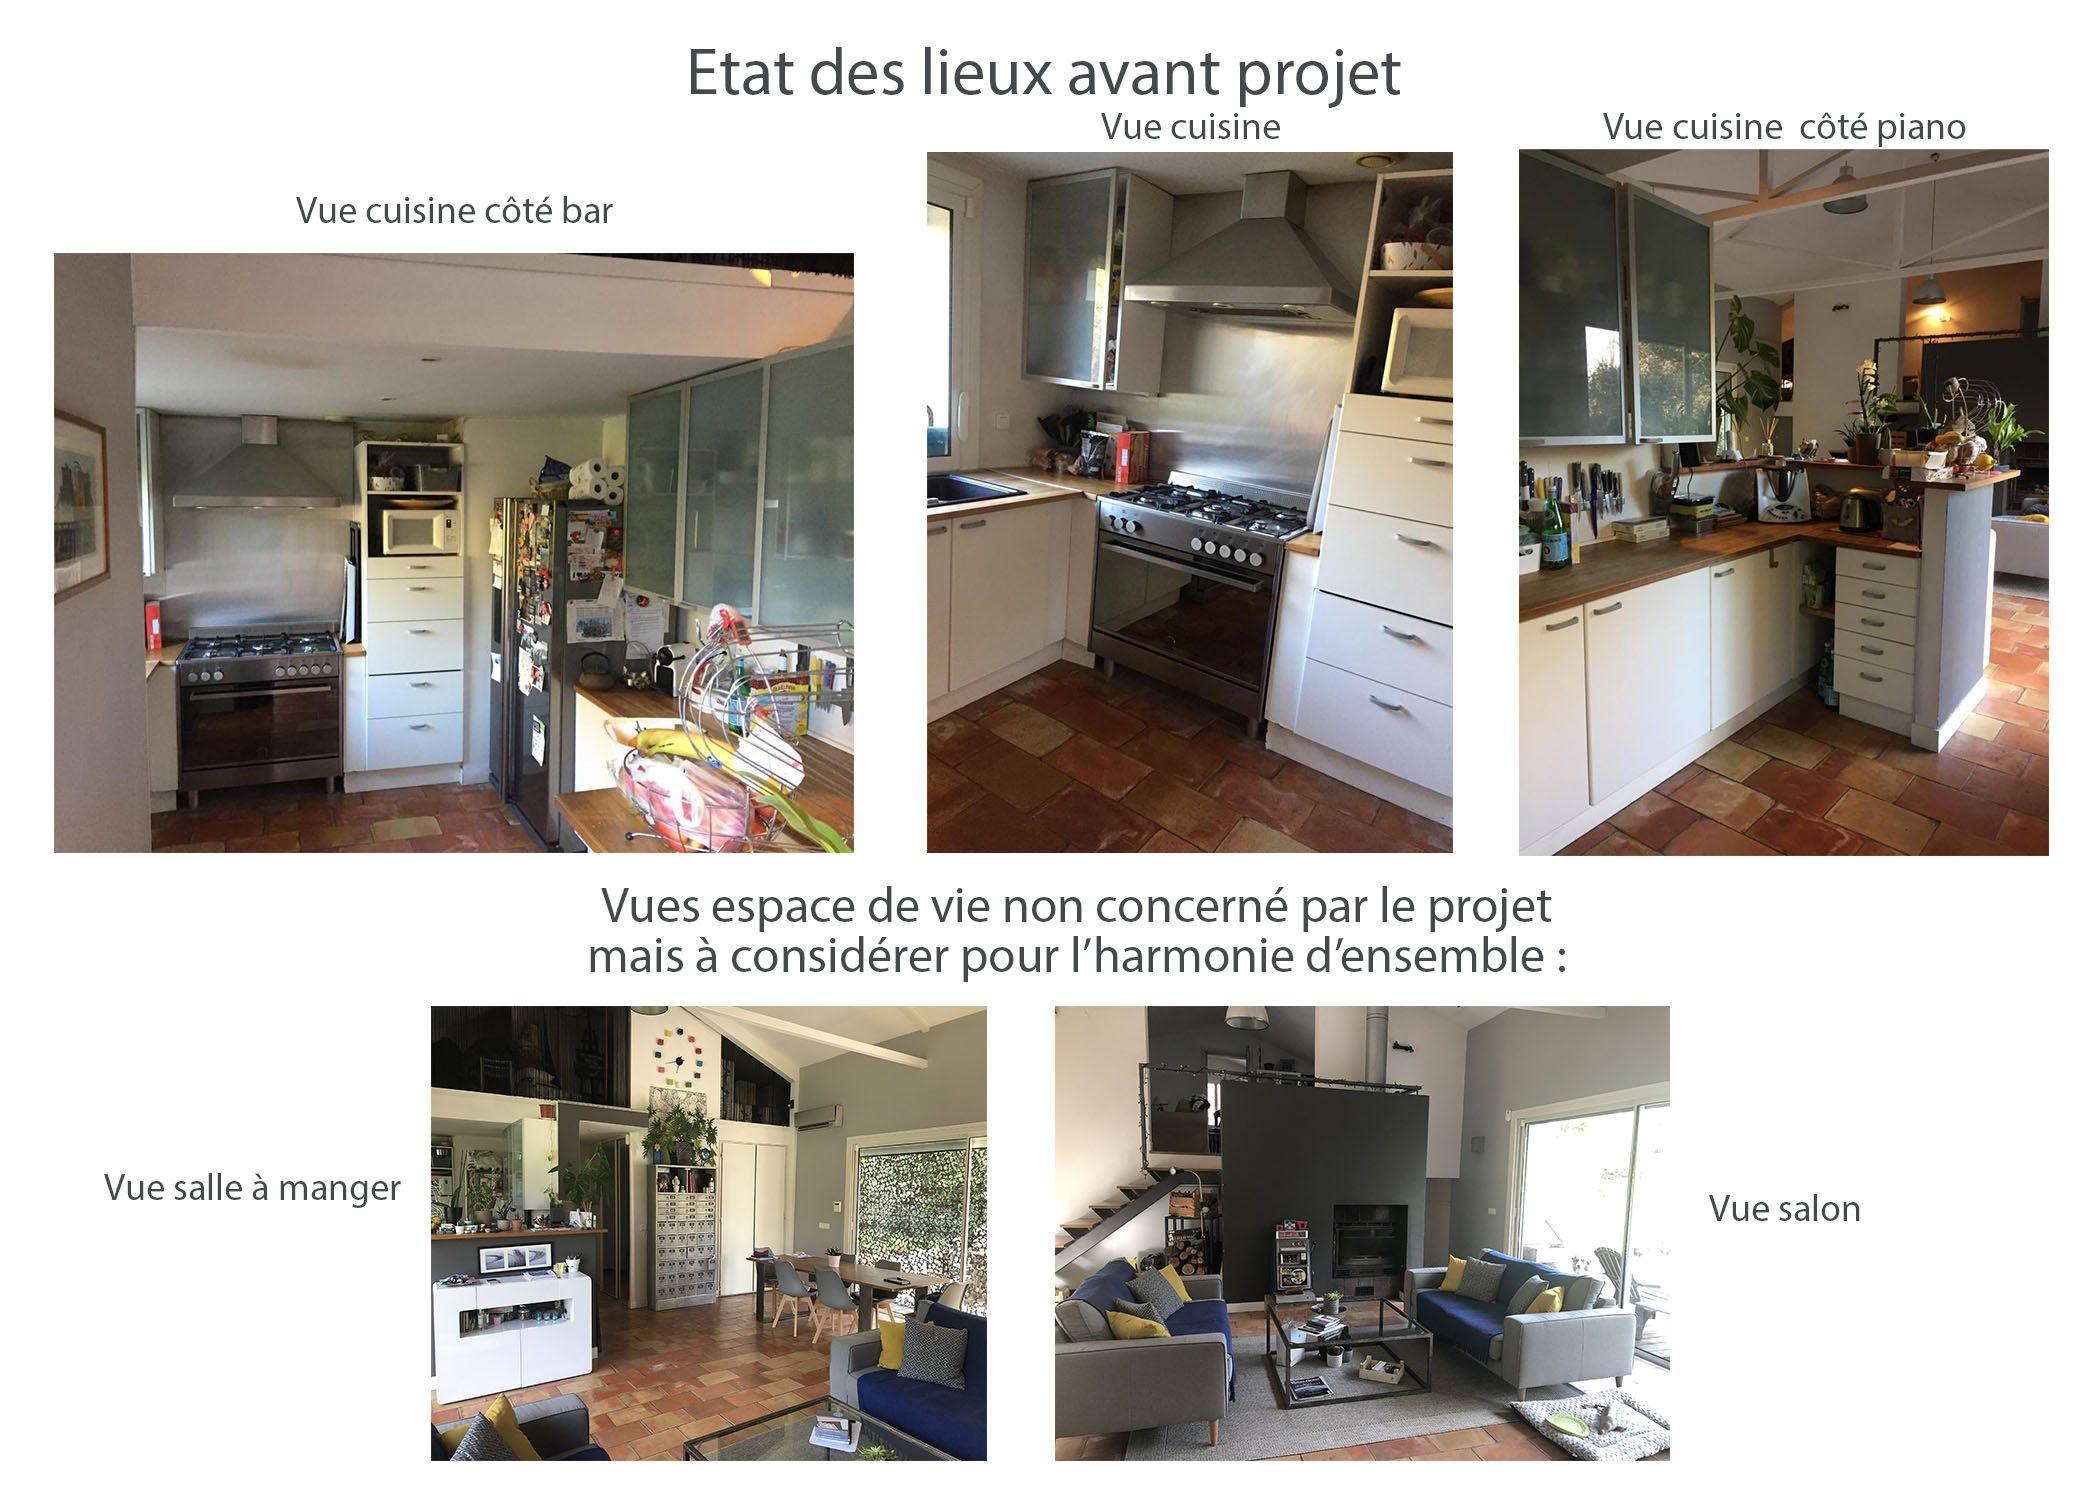 amenagement-decoration-cuisine fuveau-etat existant avant projet-dekho design